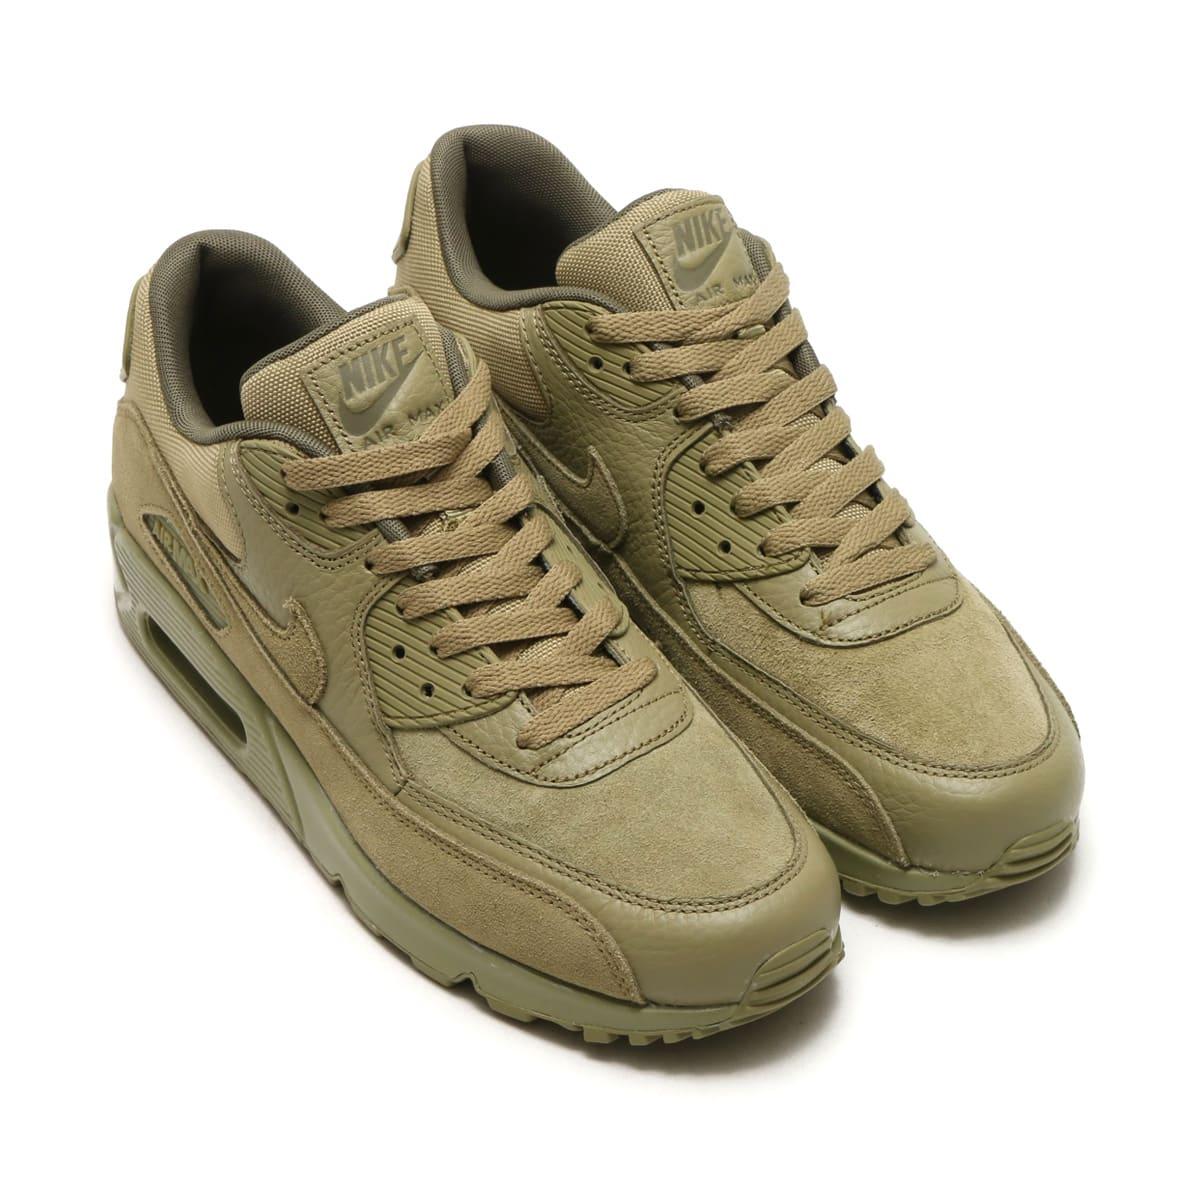 Nike Air Max 90 Premium Neutral Olive 700155 202